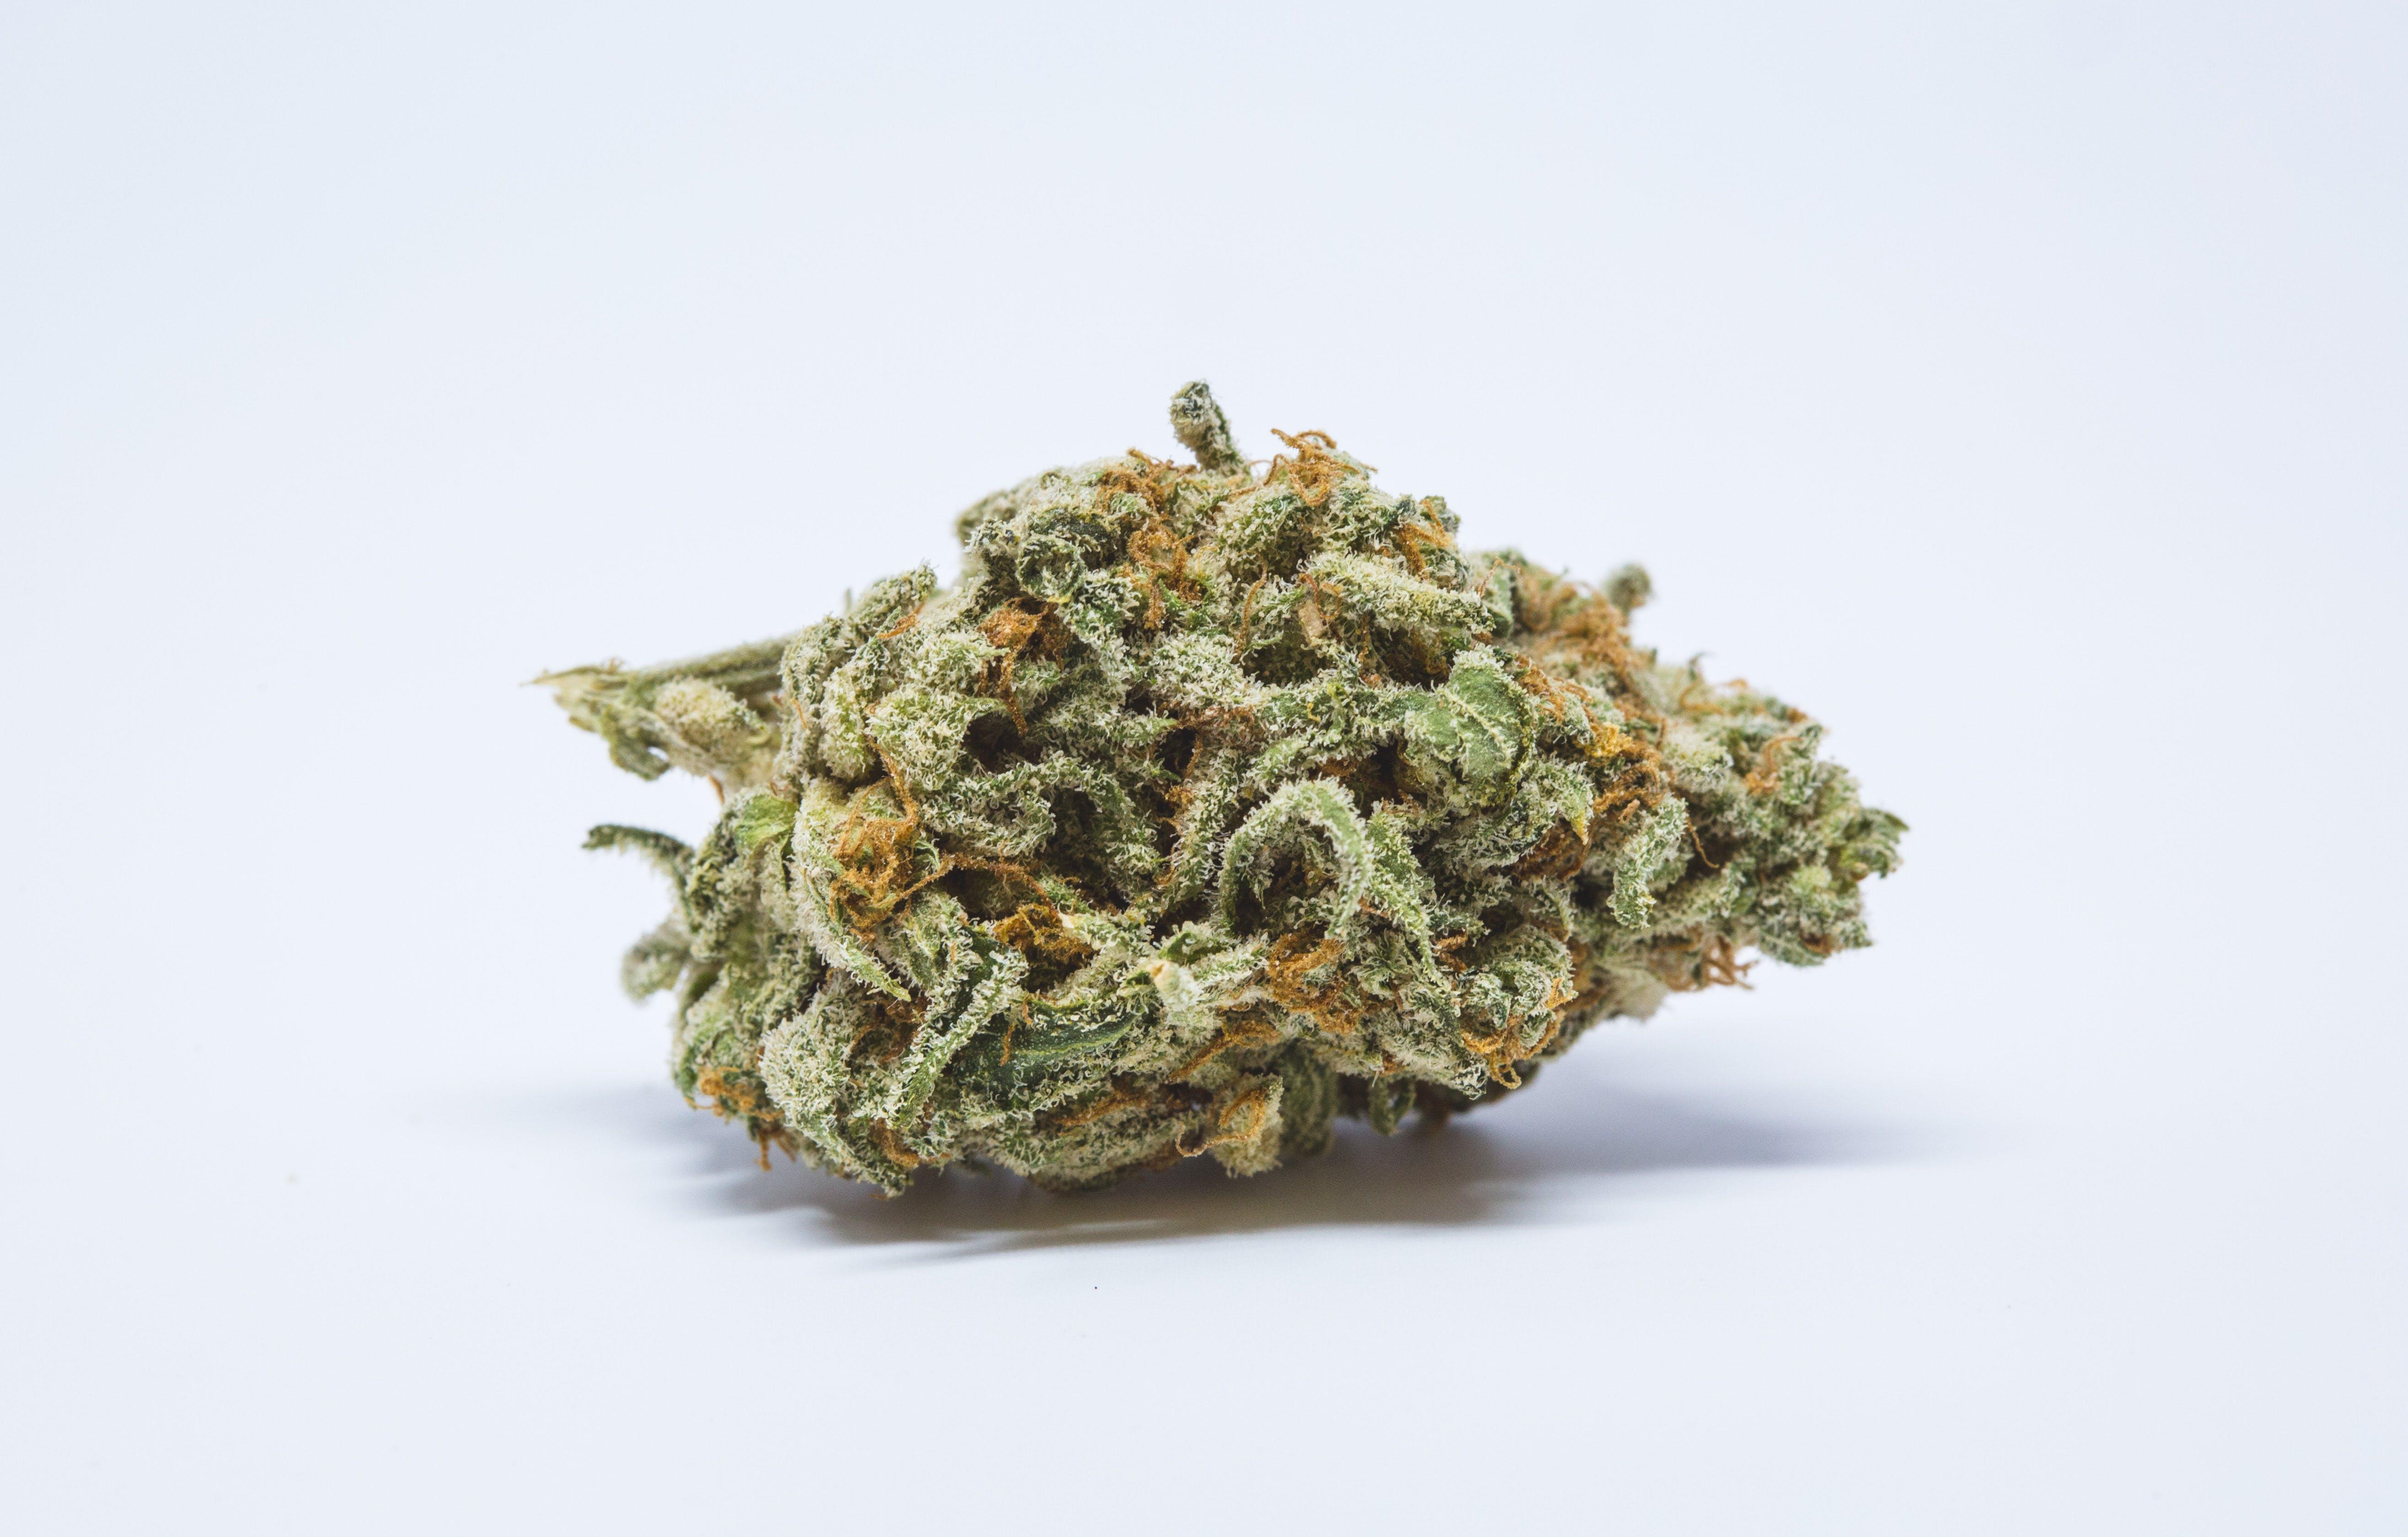 Chocolate Chunk Weed; Chocolate Chunk Cannabis Strain; Chocolate Chunk Indica Marijuana Strain